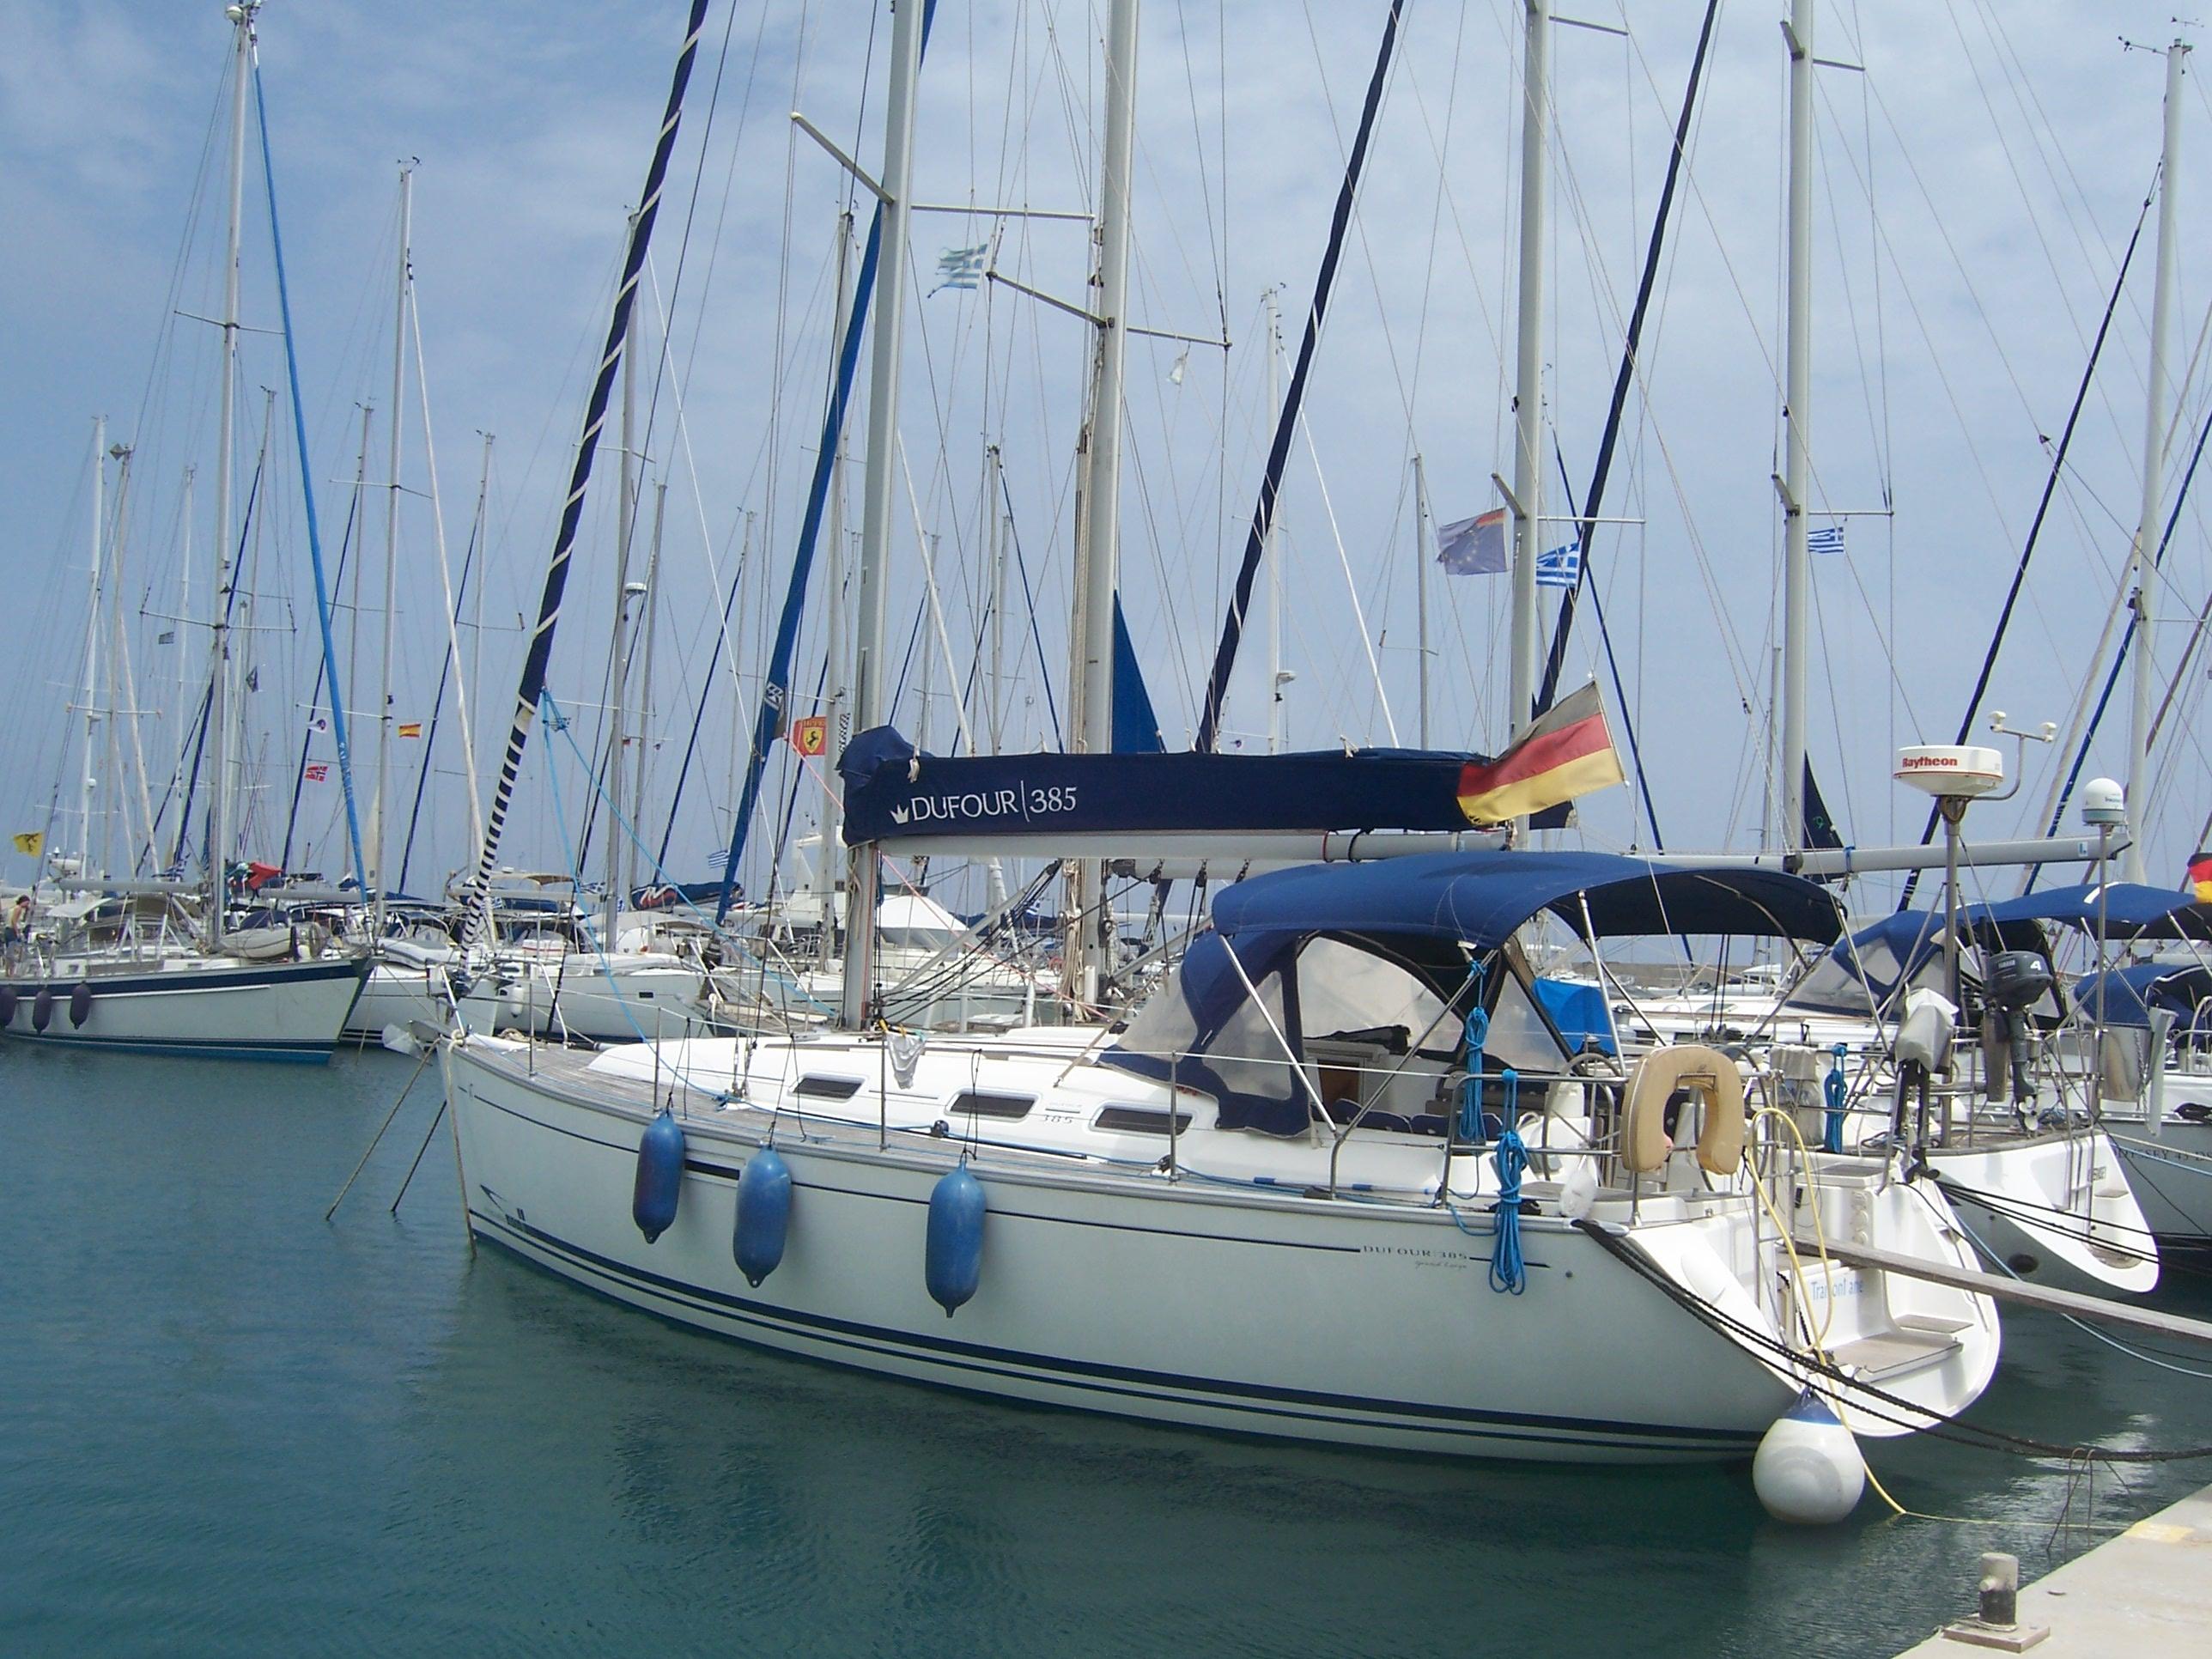 Yachtschule Poseidon